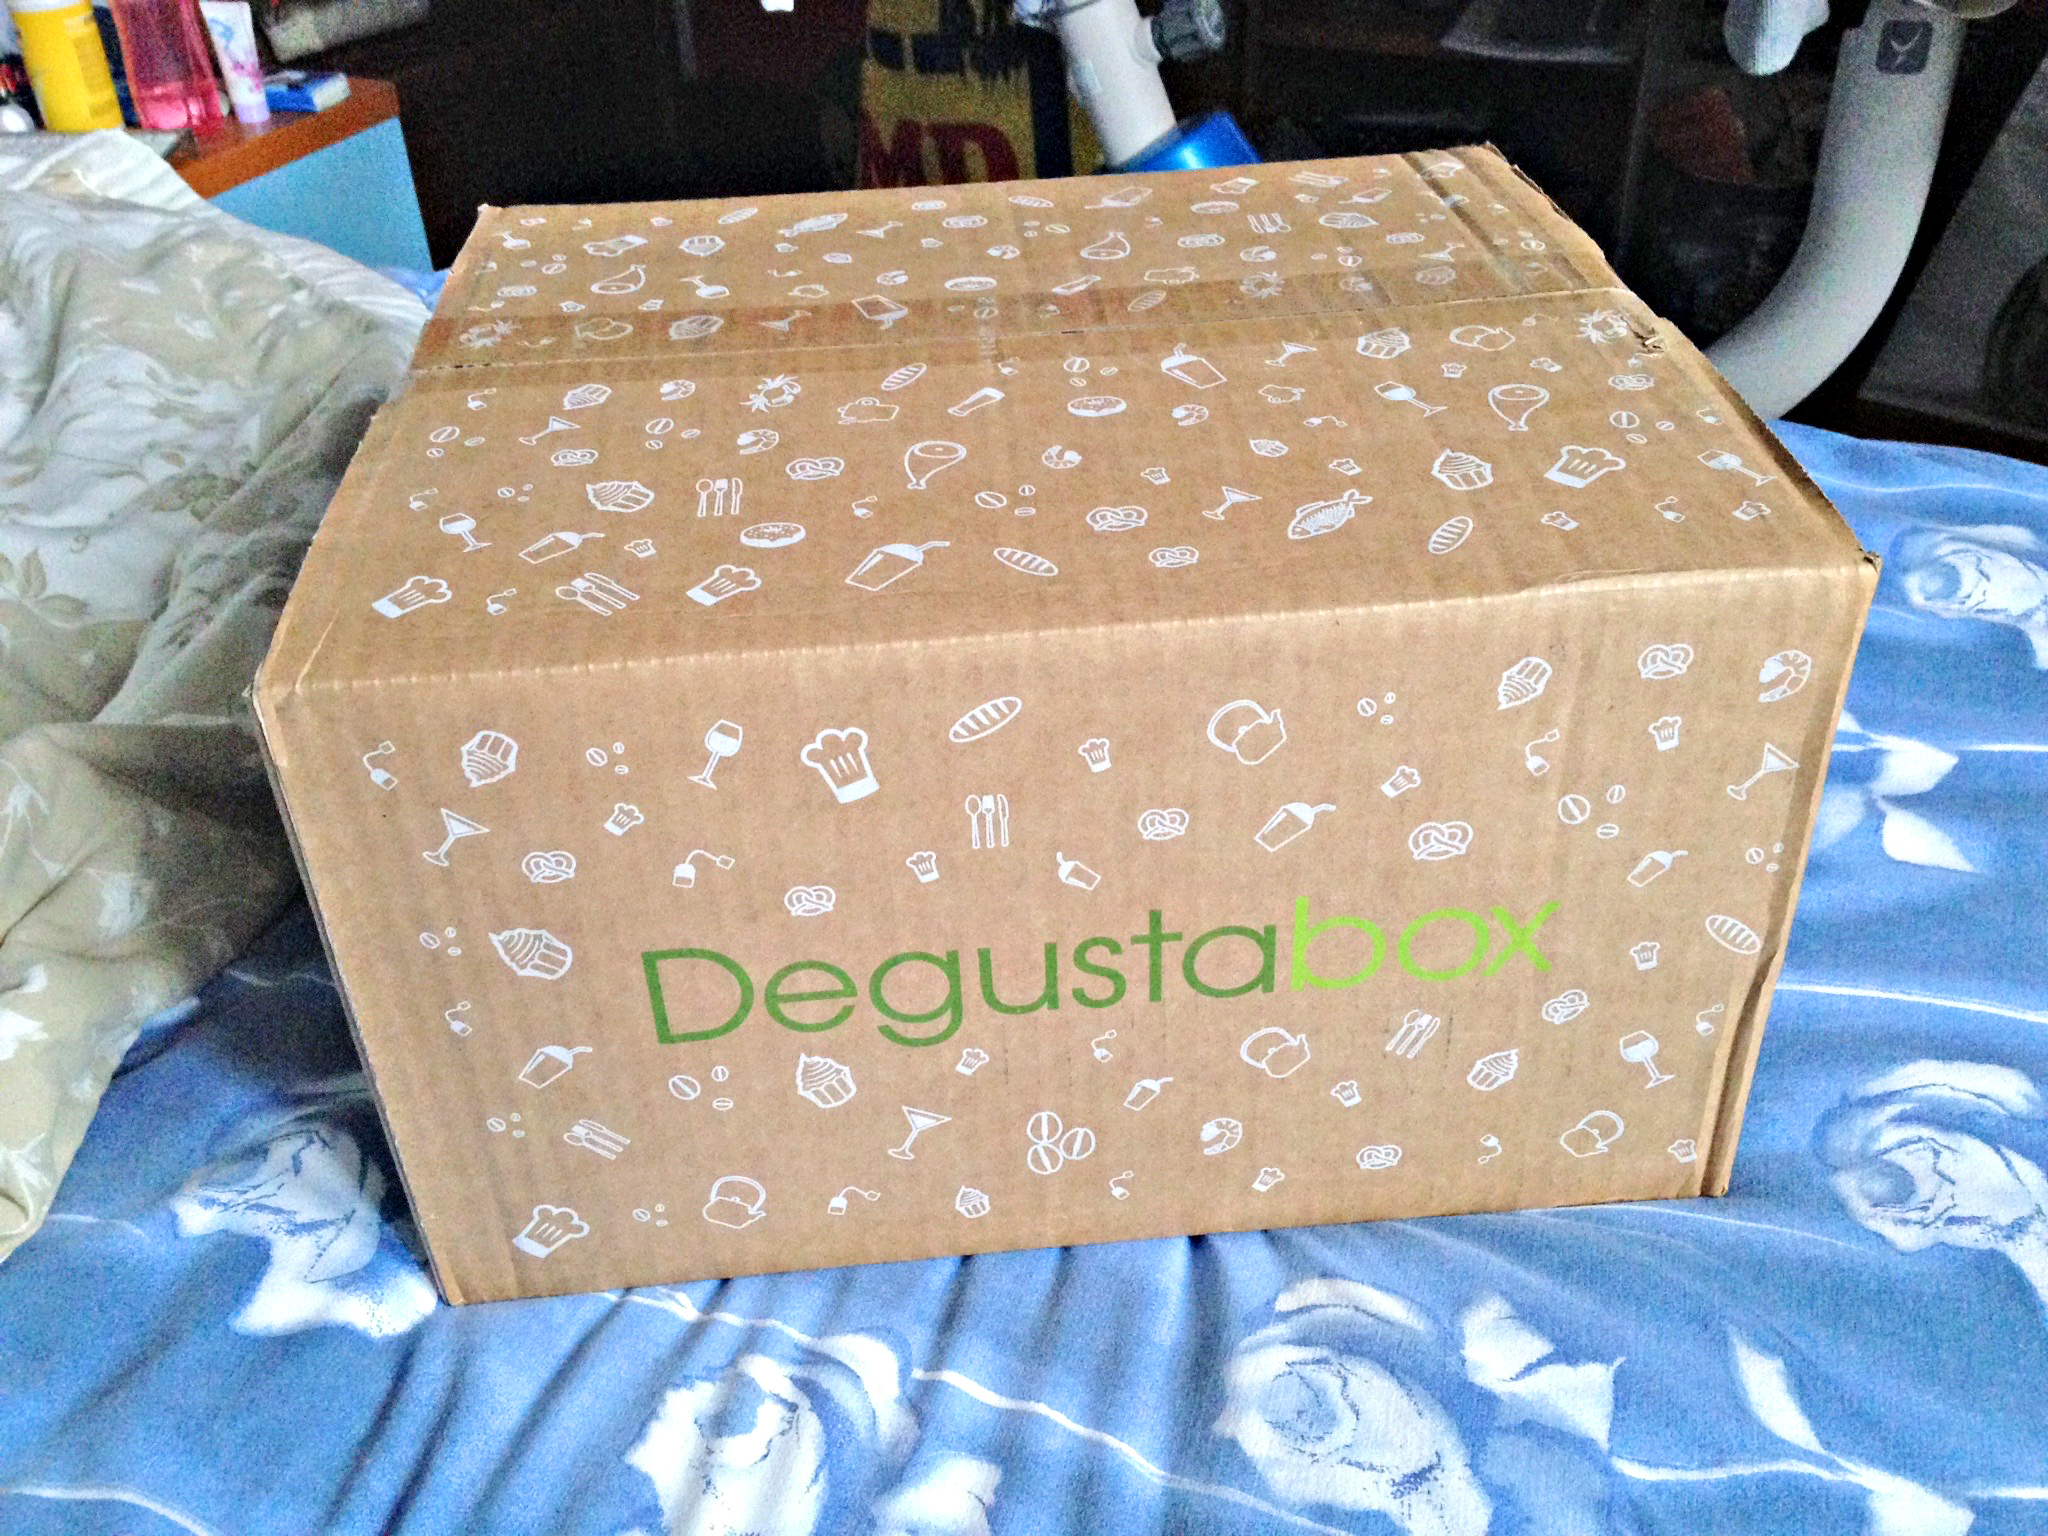 degustabox1_01a